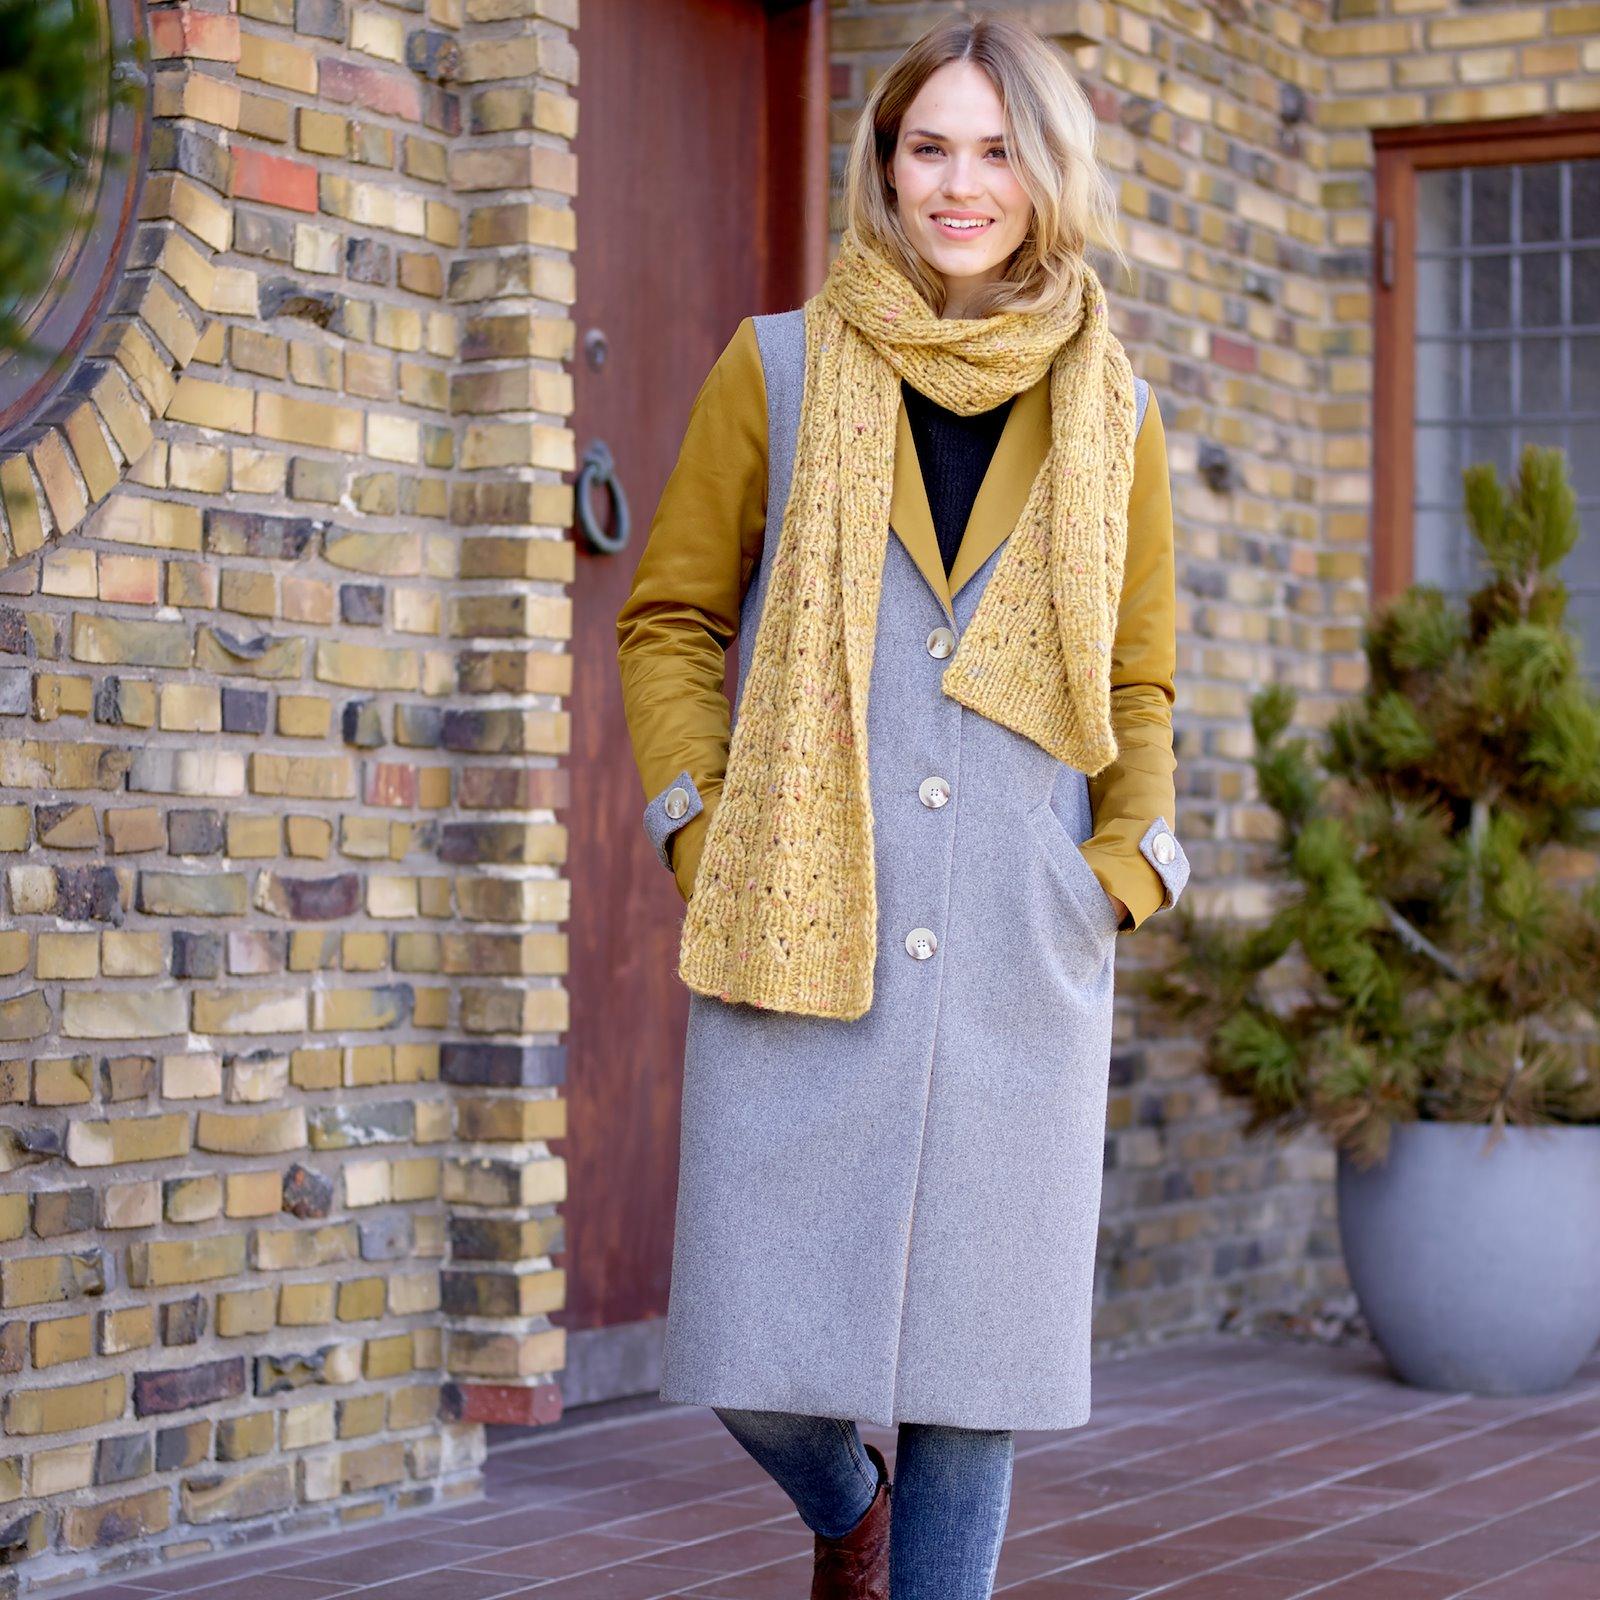 Long coat, 36/8 p24041_300130_450818_5005_21338_40239_sskit